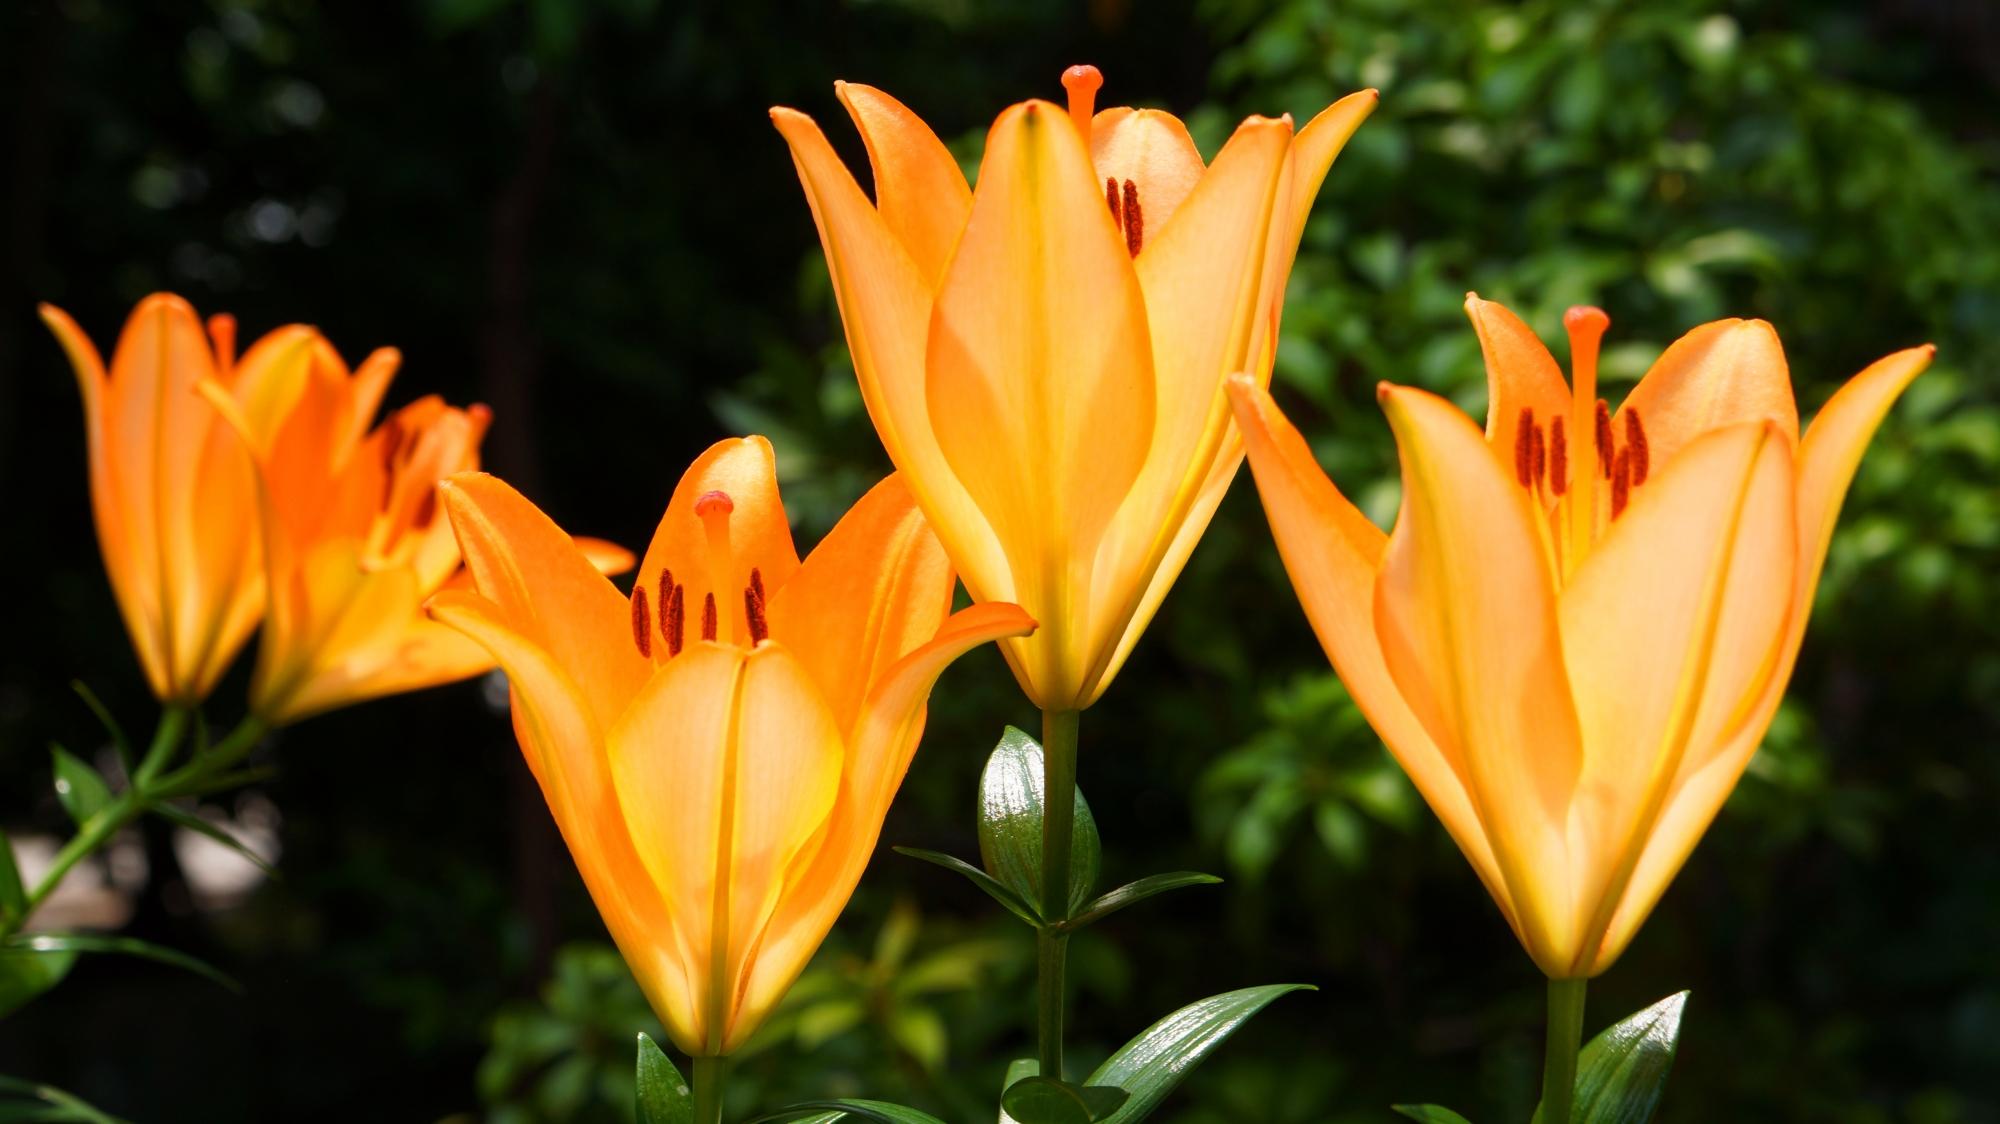 法金剛院の中門の側で輝くように咲く百合の花